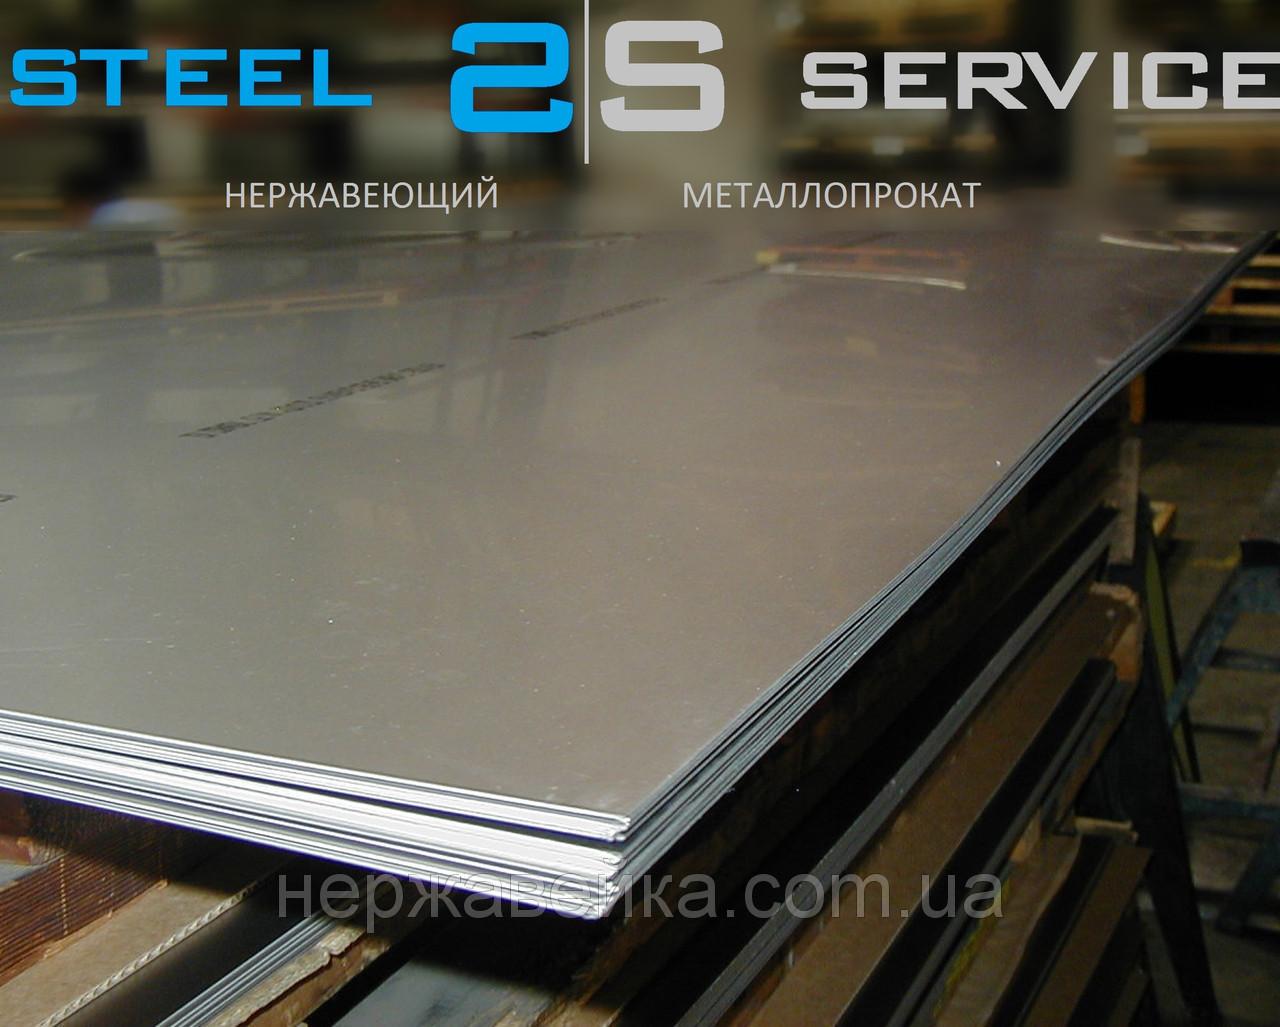 Нержавейка лист 6х1500х6000мм AISI 321(08Х18Н10Т) F1 - горячекатанный,  пищевой